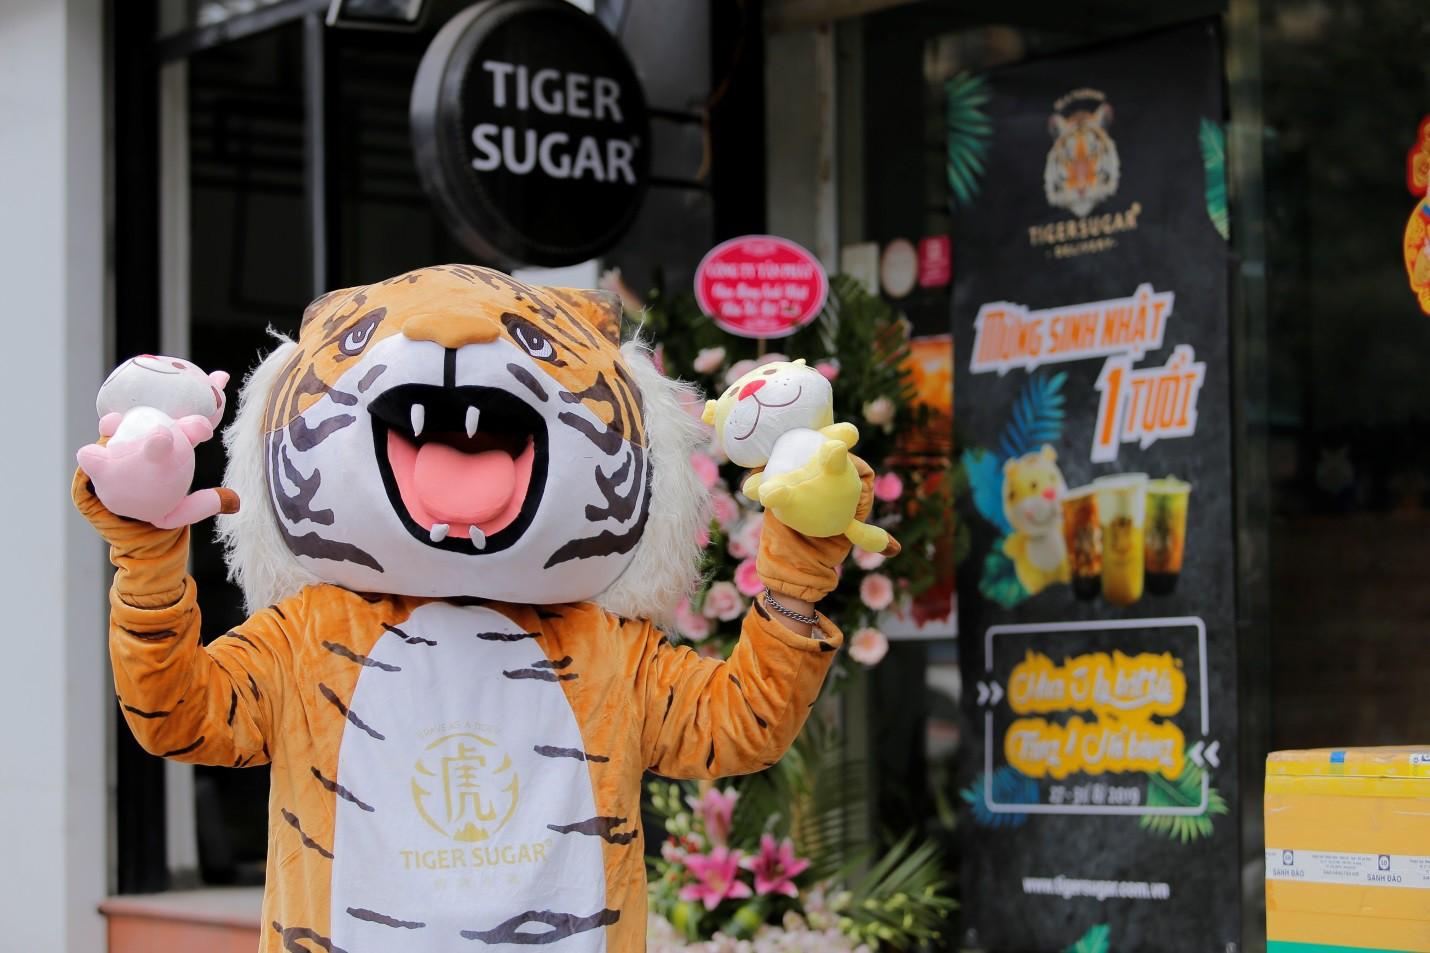 Mừng sinh nhật TigerSugar Delivery tròn 1 tuổi: Hành trình của những chú hổ khát khao khẳng định mình - Ảnh 1.